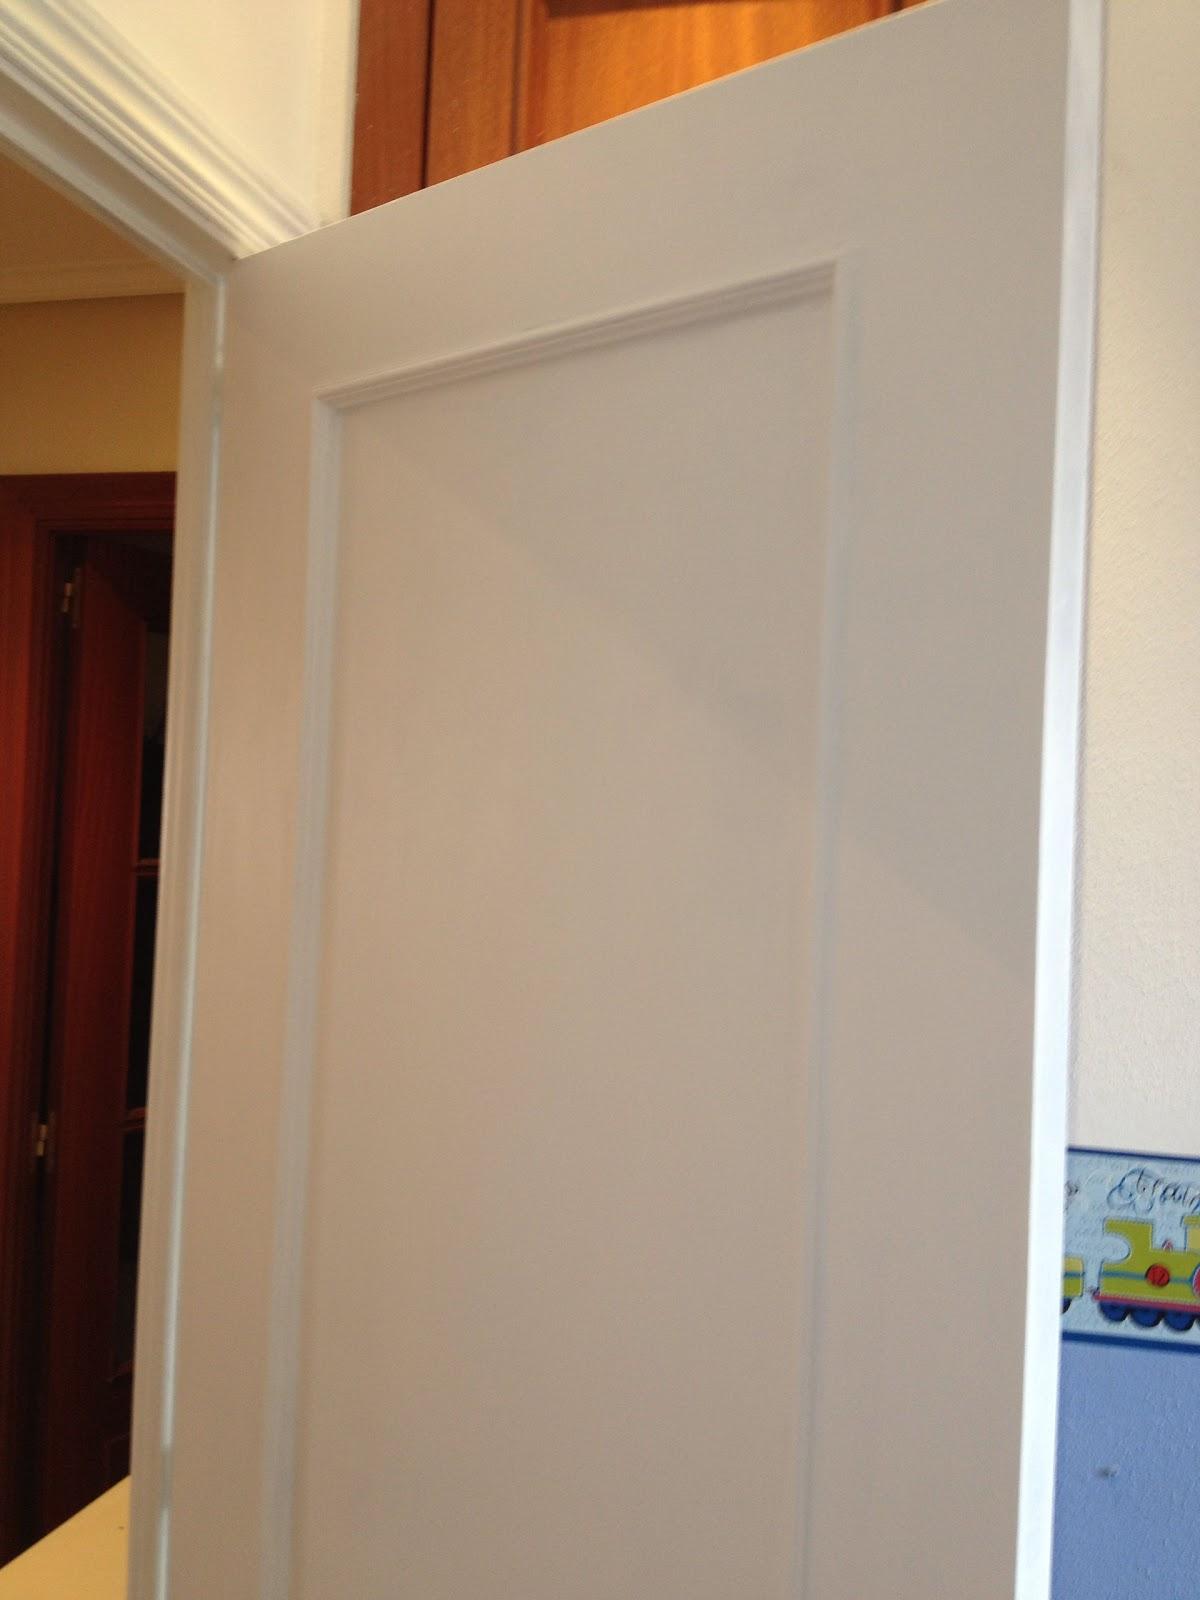 adios al sapely pintar puertas de blanco juntitoscrafts